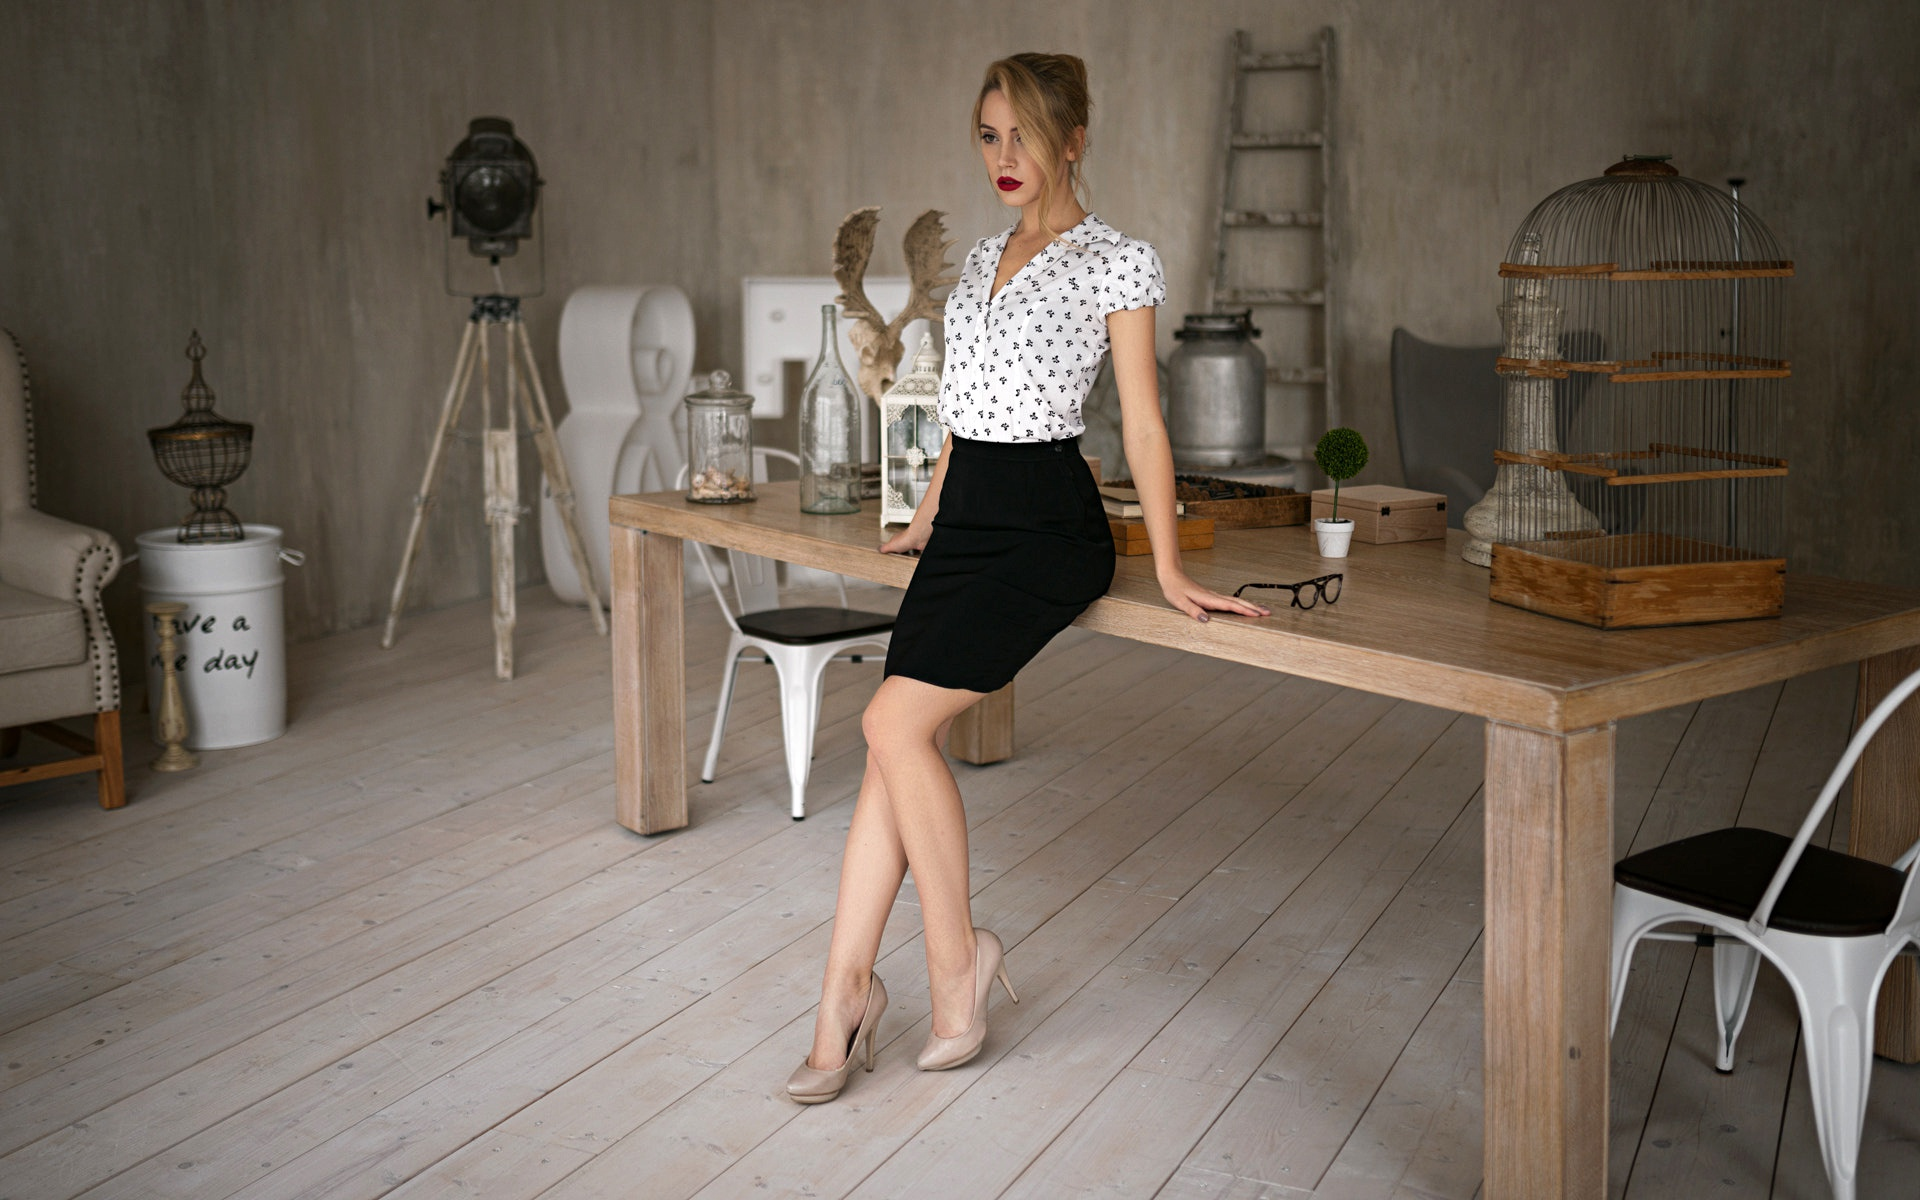 Model Skirt Woman Girl 1920x1200